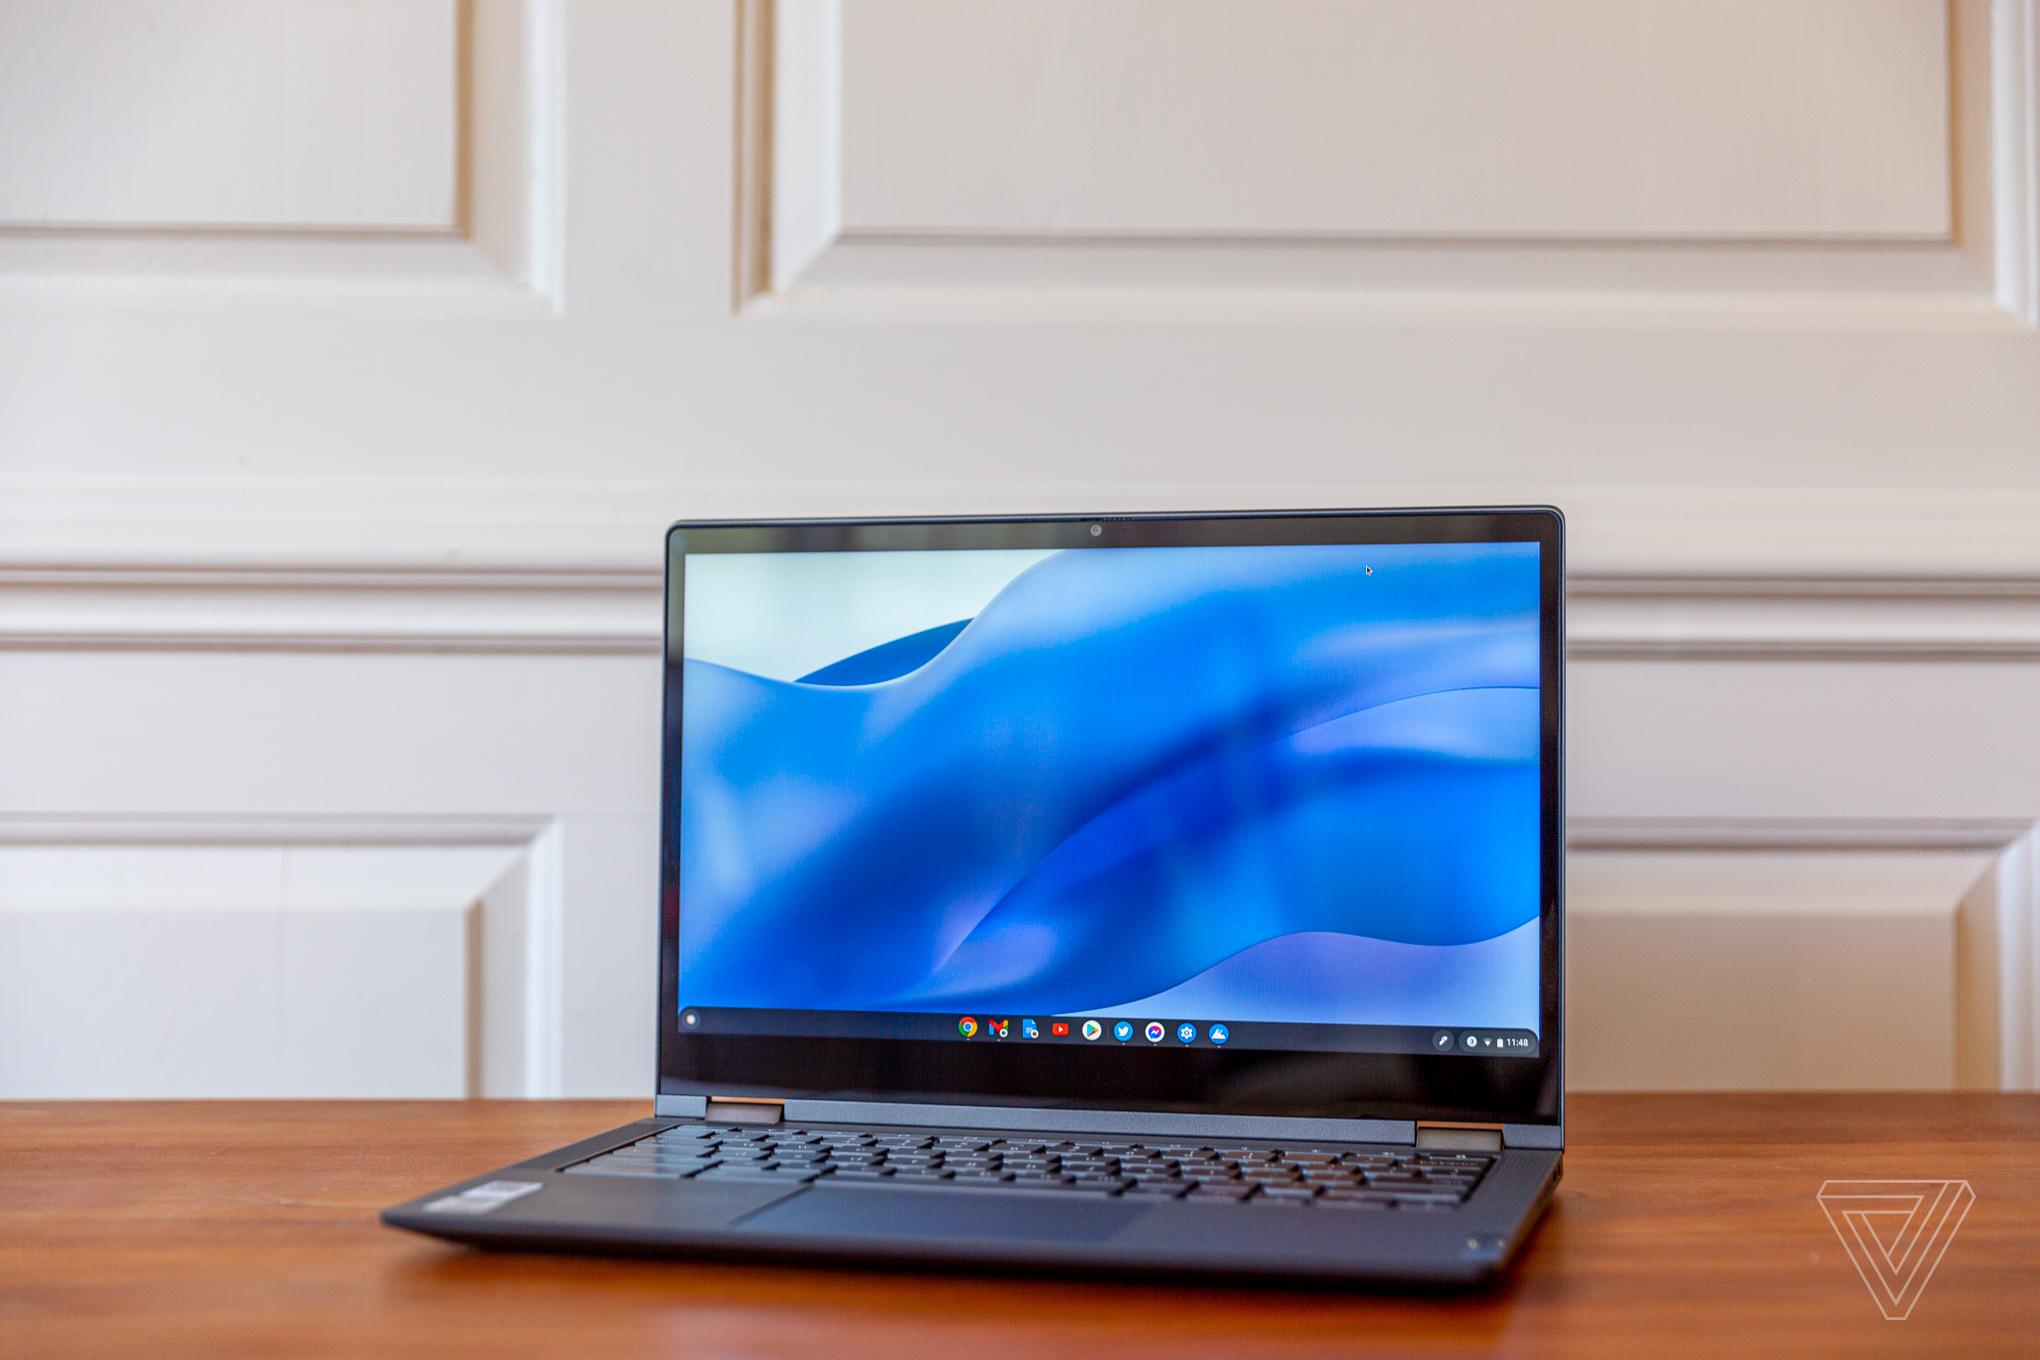 Best Chromebook 2021: Lenovo Flex 5 Chromebook